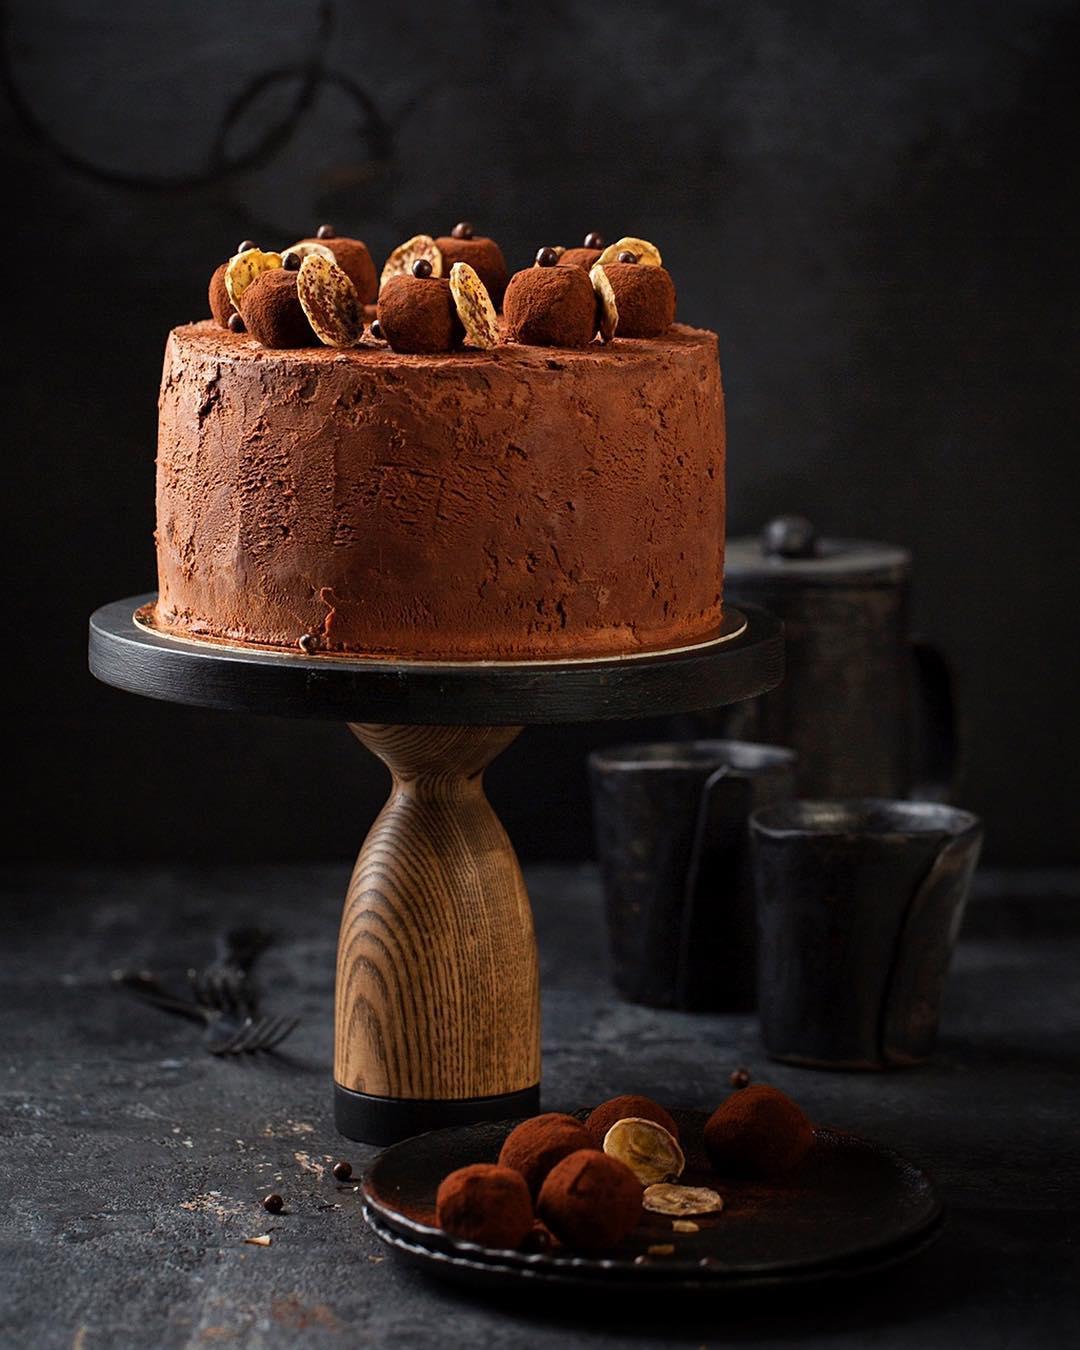 шоколадный торт, торт с бананами, банановый торт, шоколадно-банановый торт